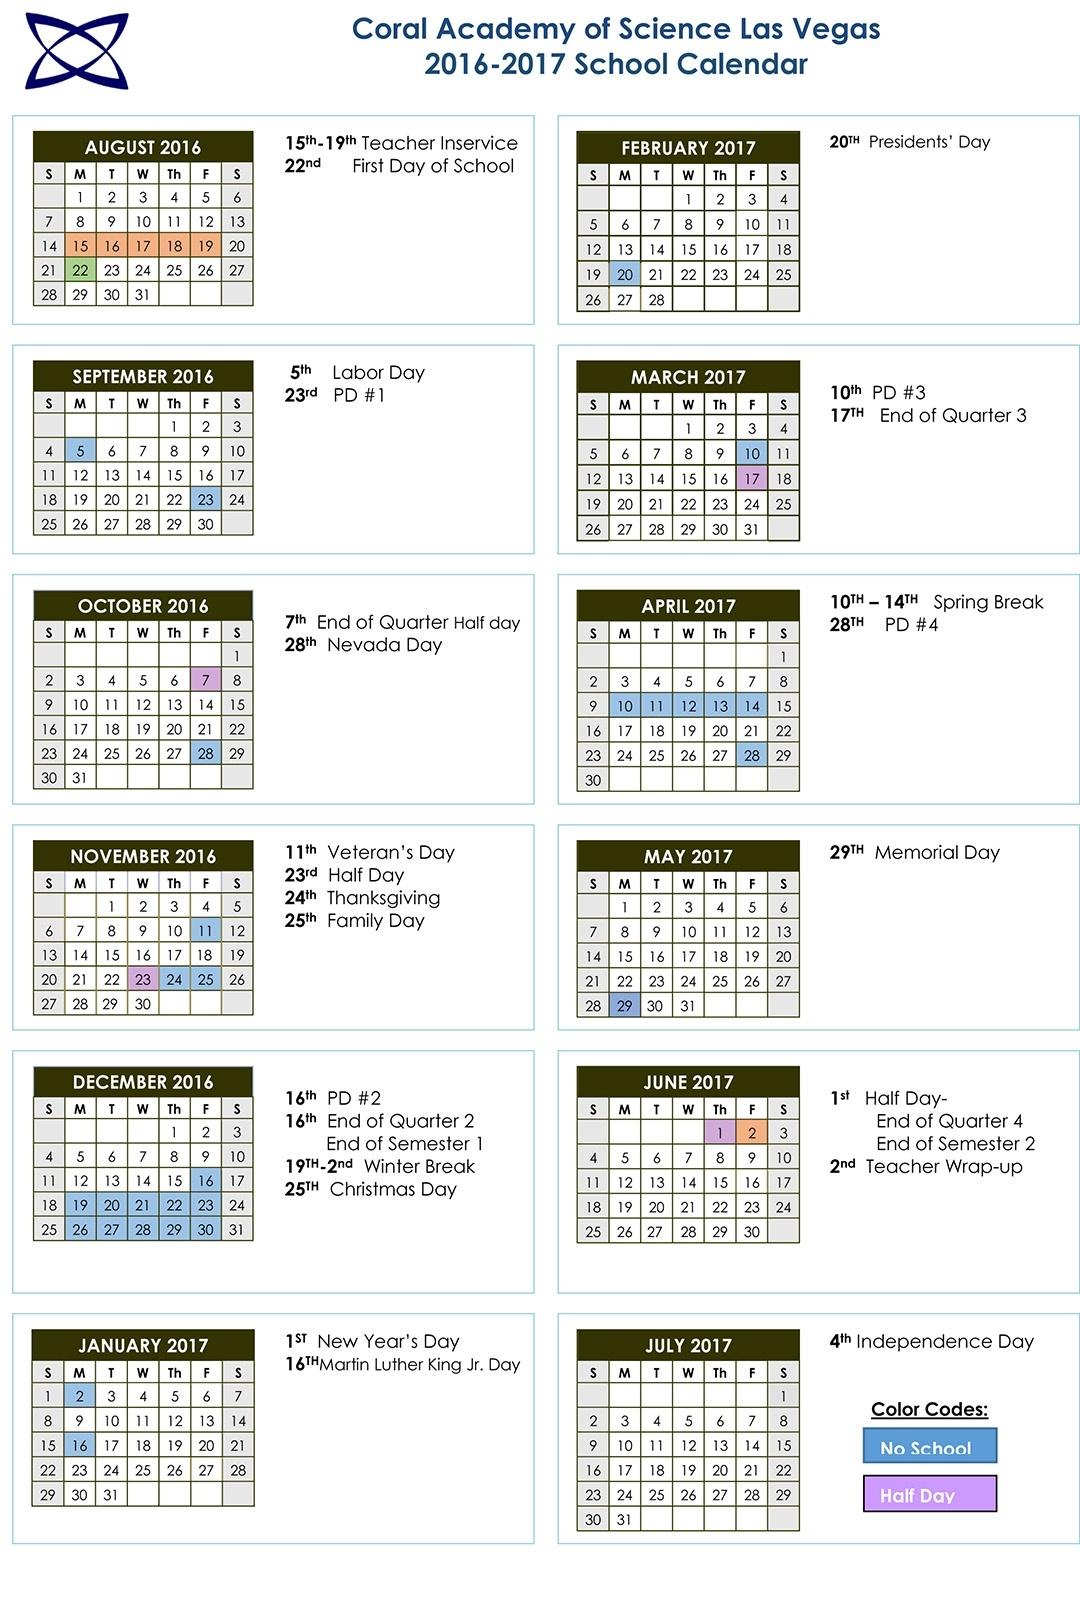 School Calendar 2016-2017 | Coral Academy Of Science Las Vegas_School Calendar Las Vegas